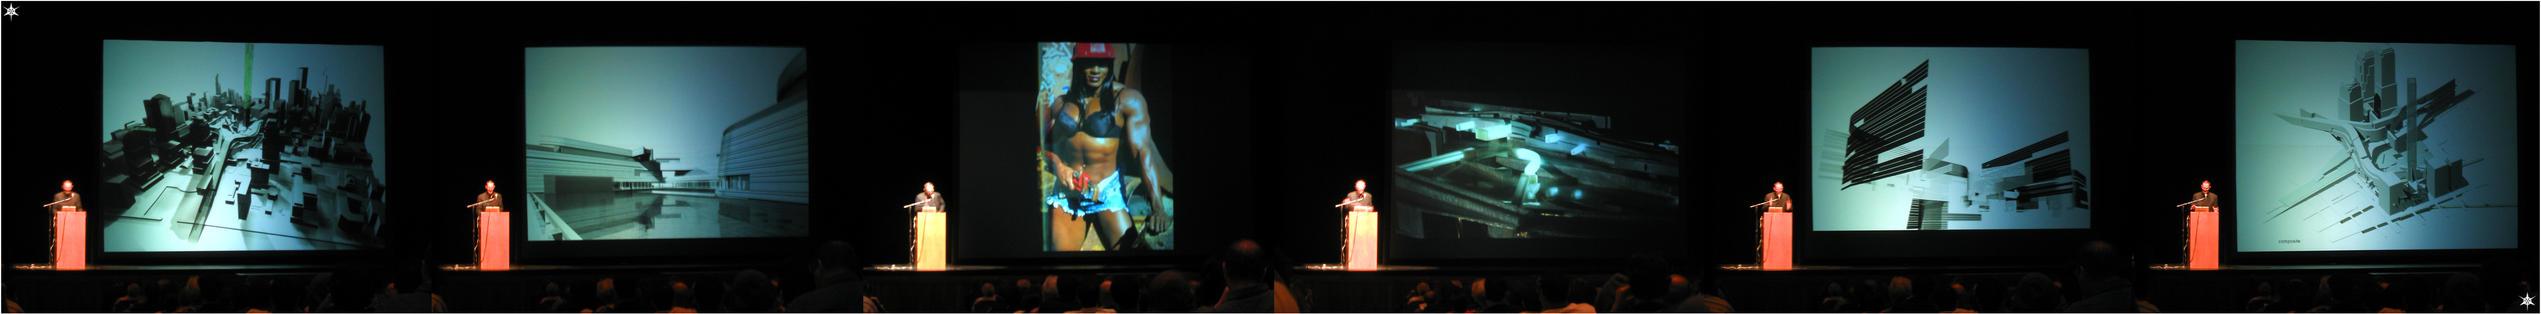 Thom Mayne:Morphosis by rotorblade